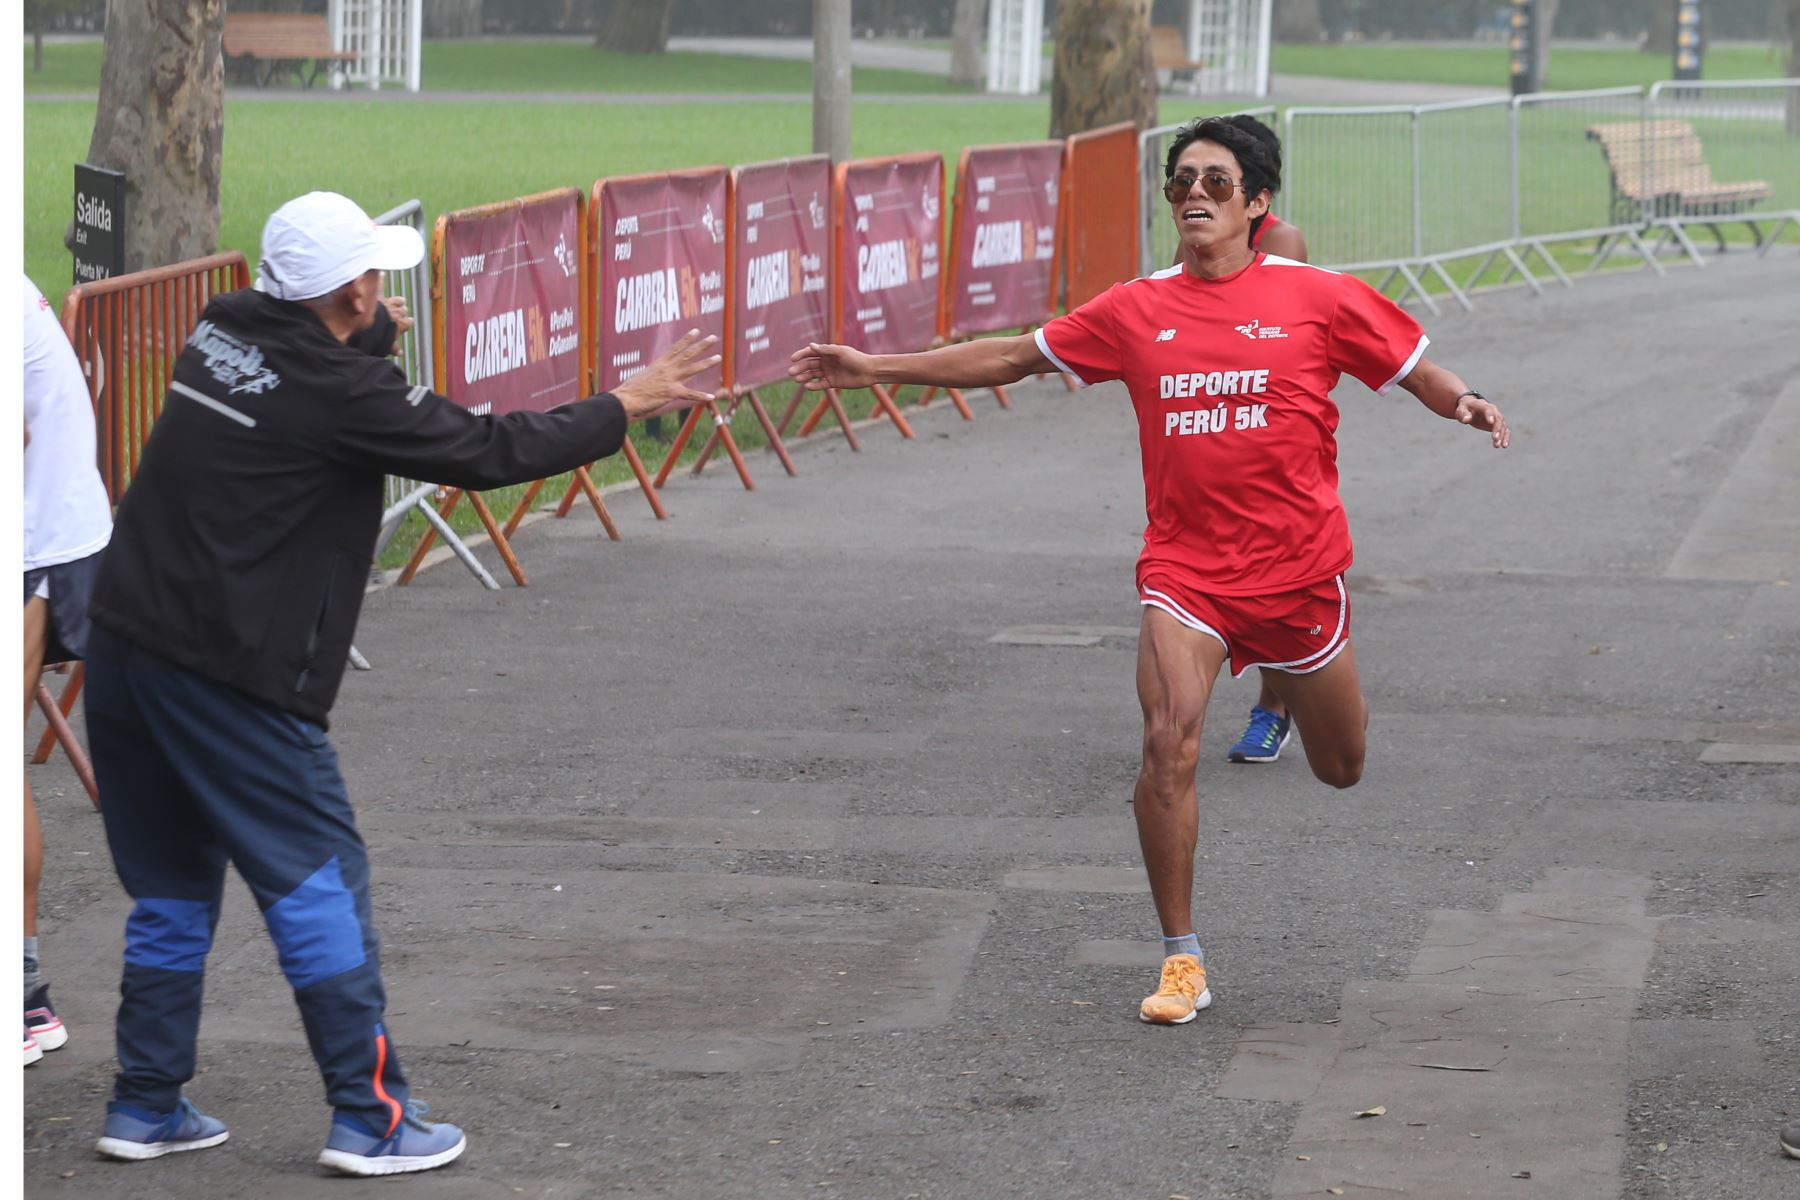 Carrera Deporte Perú 5k del IPD en reconocimiento a los deportistas que participarán en los Juegos Panamericanos y Parapanamericanos Lima 2019. Foto: ANDINA/Eddy Ramos